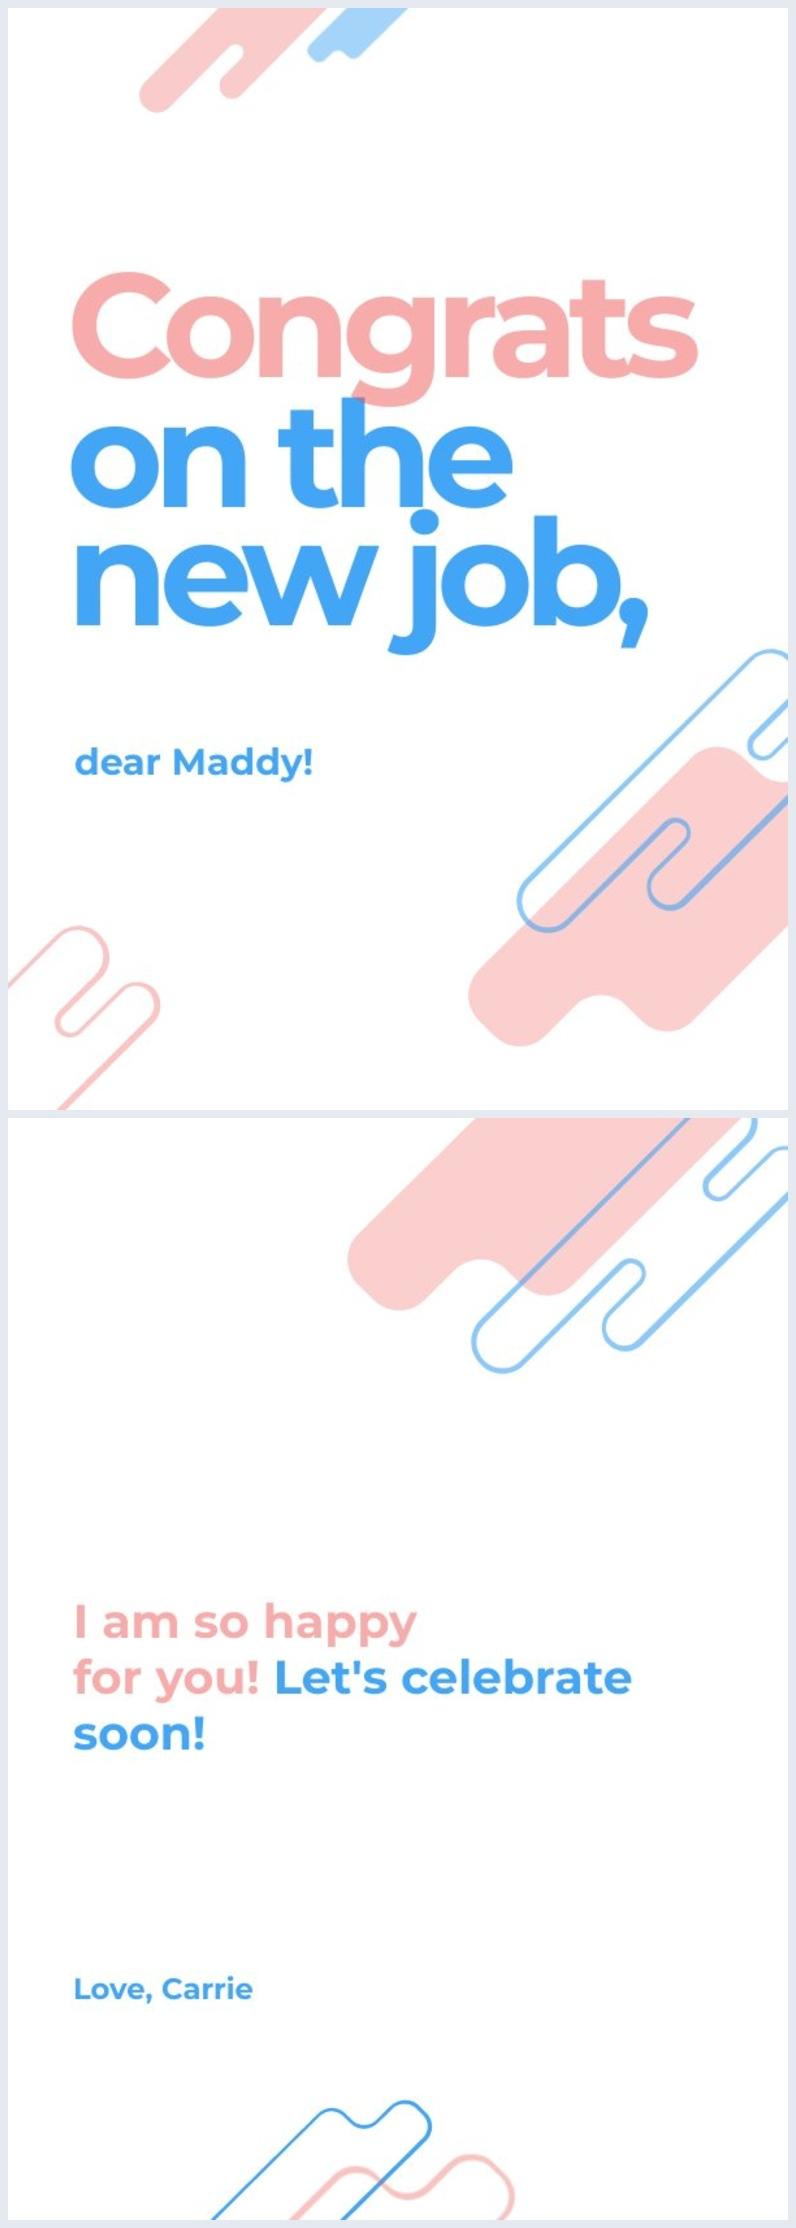 New Job congratulations card design